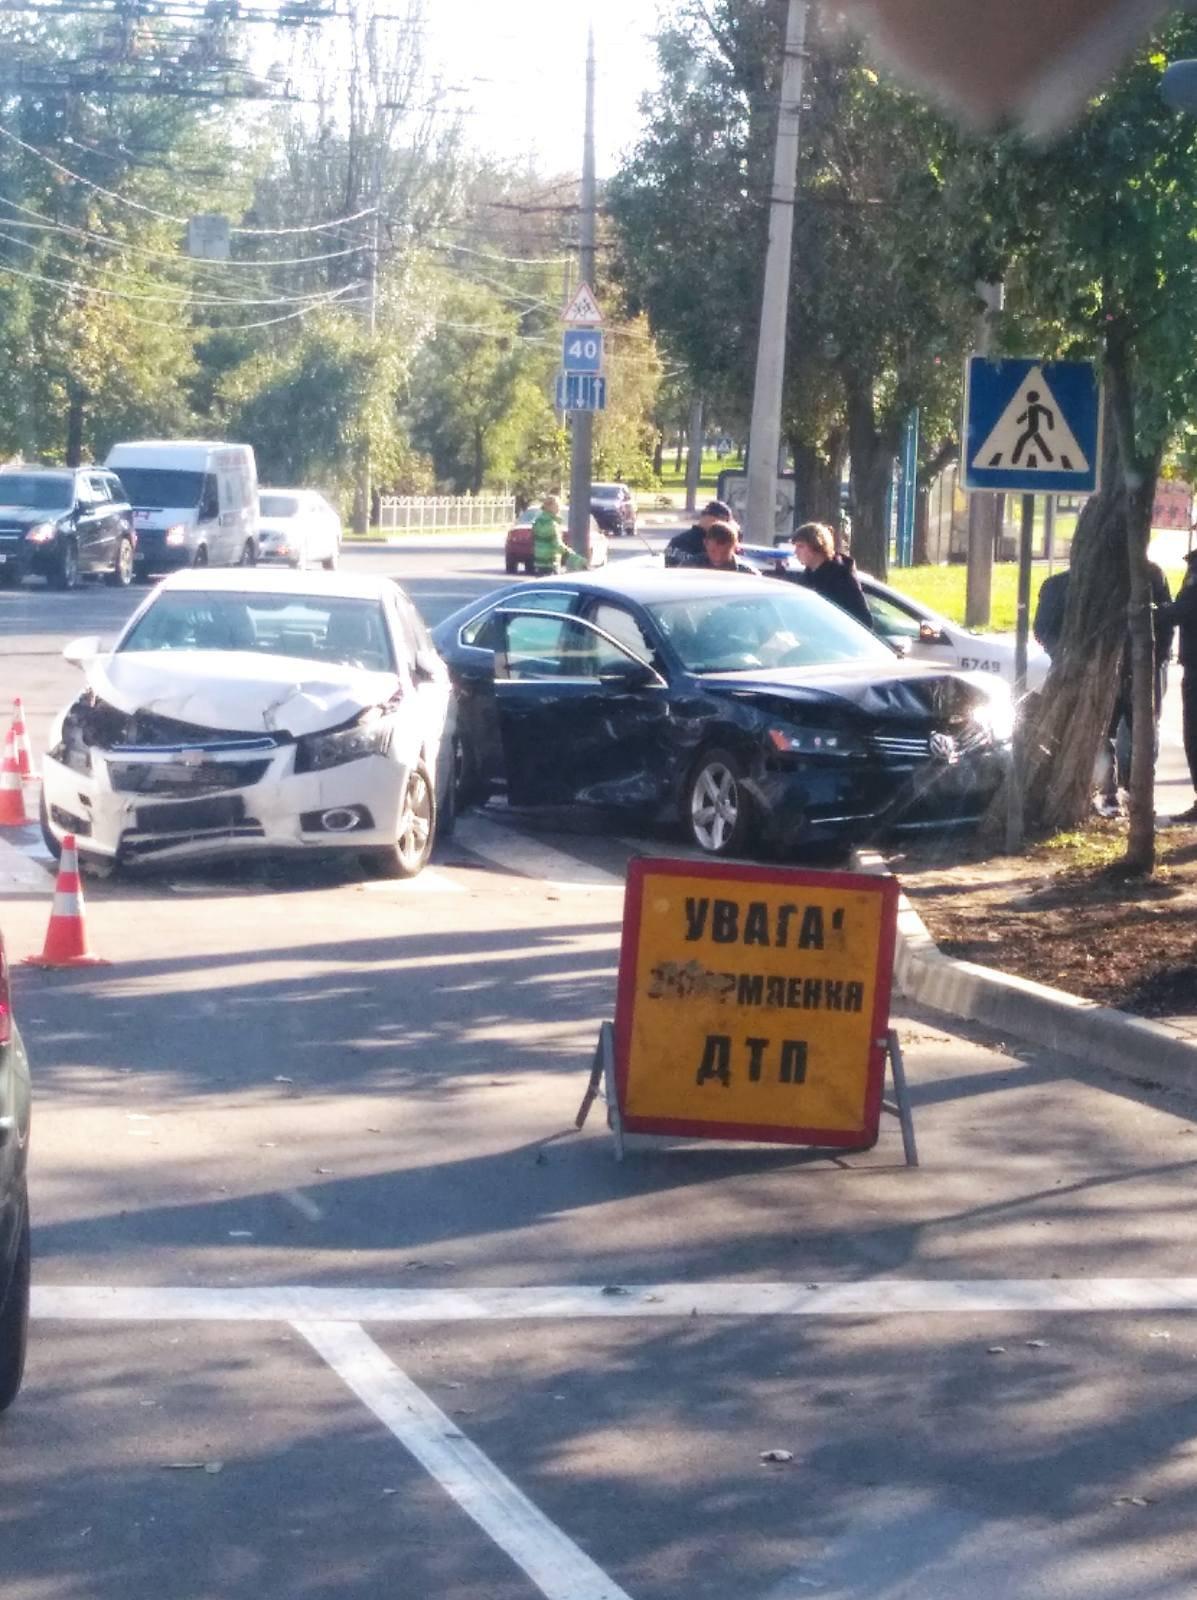 Разбиты два авто. В Мариуполе на перекрестке столкнулись иномарки, - ФОТО, фото-1